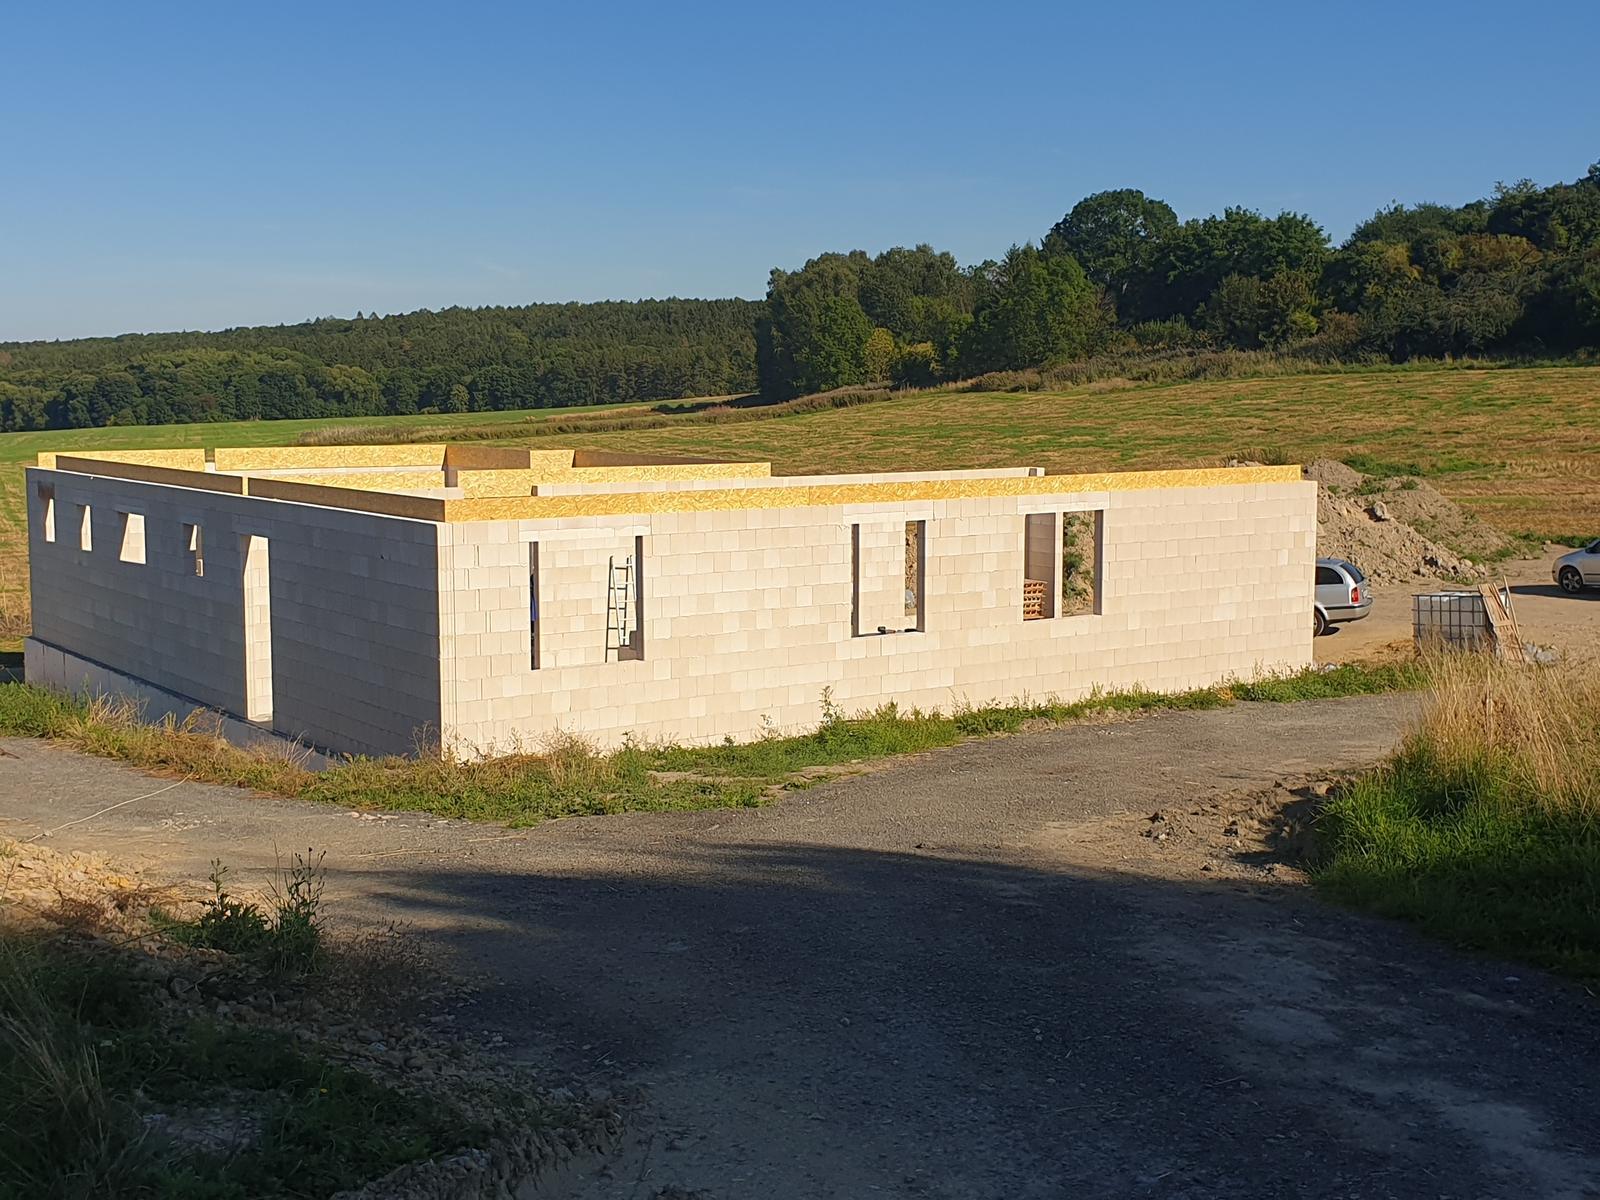 Bungalov s plochou střechou - Obrázek č. 86